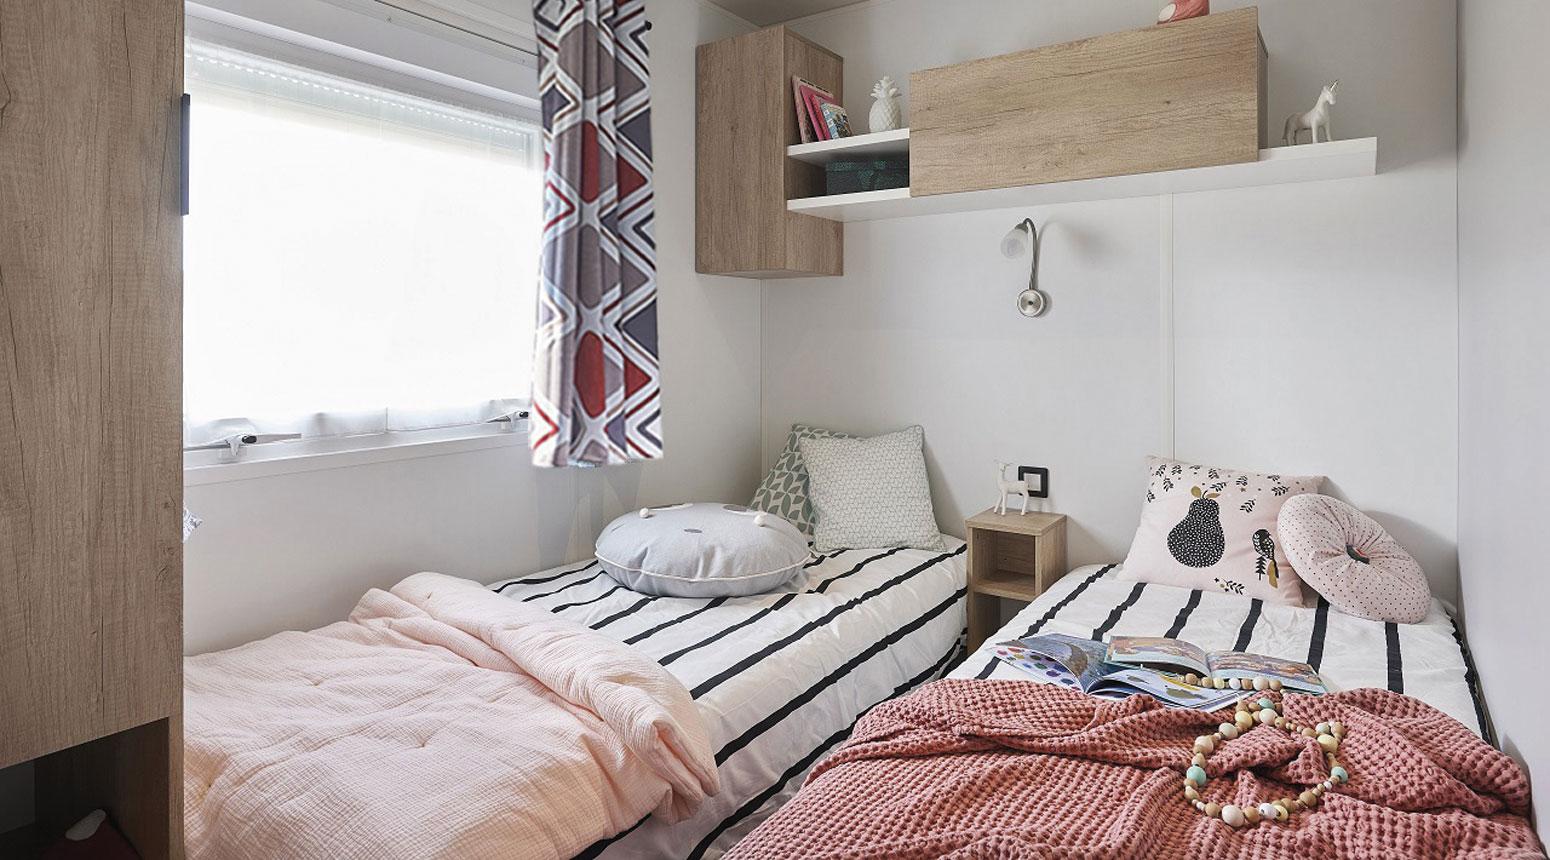 Chambre avec lits jumeaux vente de mobil home Bidart Camping Le Ruisseau